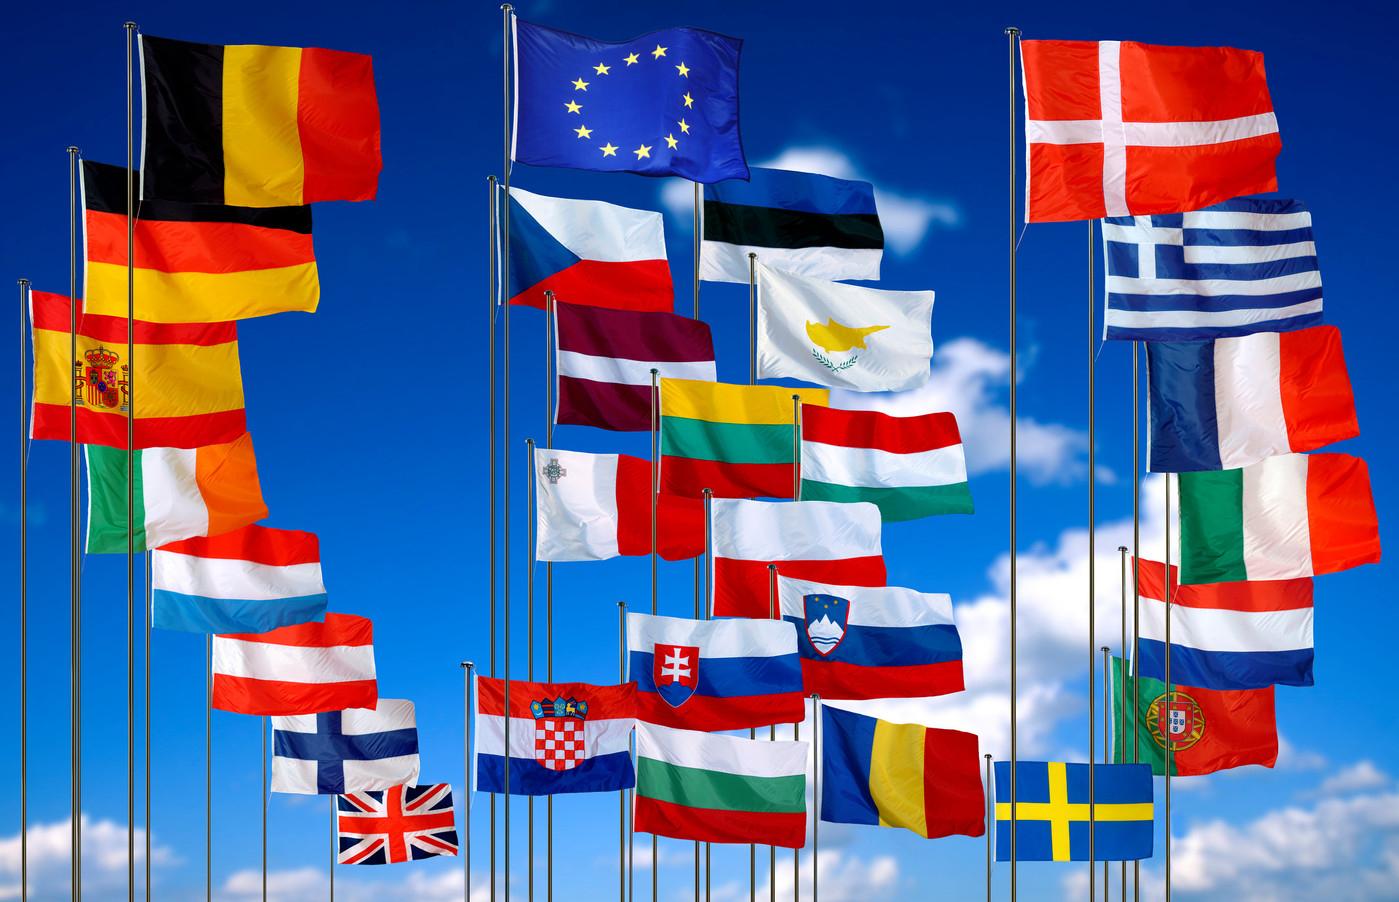 Quiz - Jeu Teste Tes Connaissances Sur Les Drapeaux Européens tout Drapeaux Européens À Imprimer